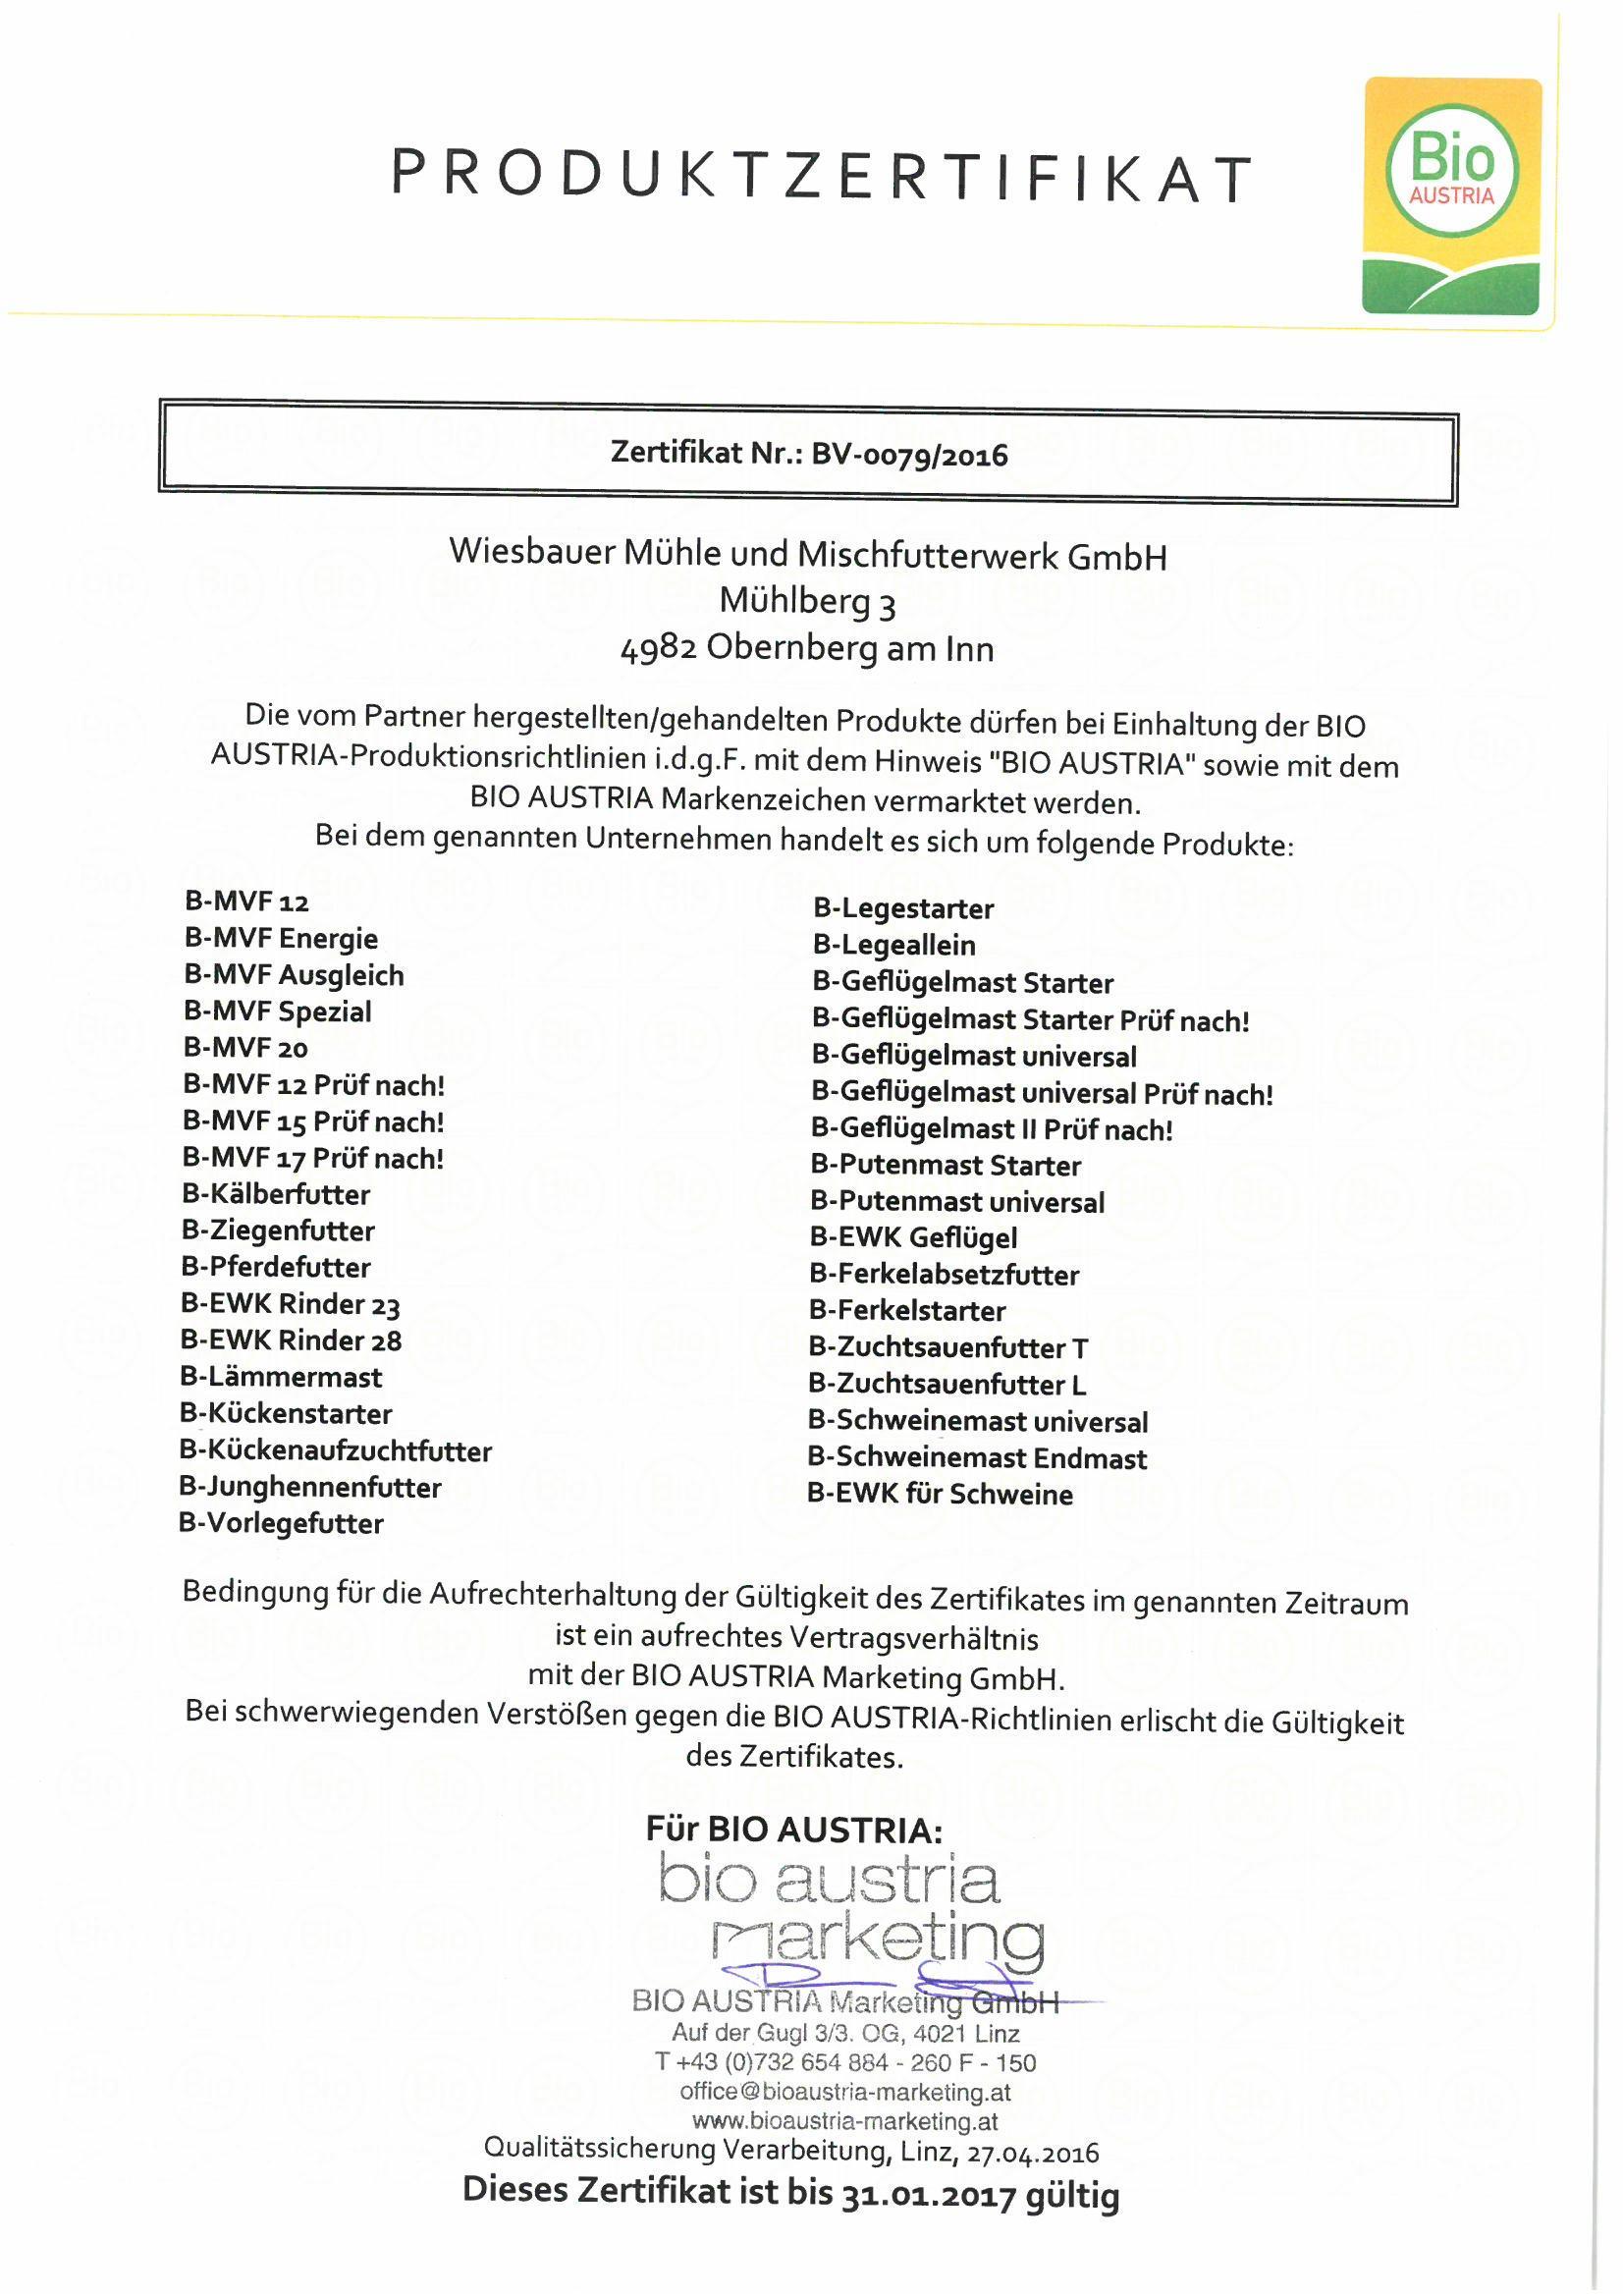 Bio Austria - Zertifikat